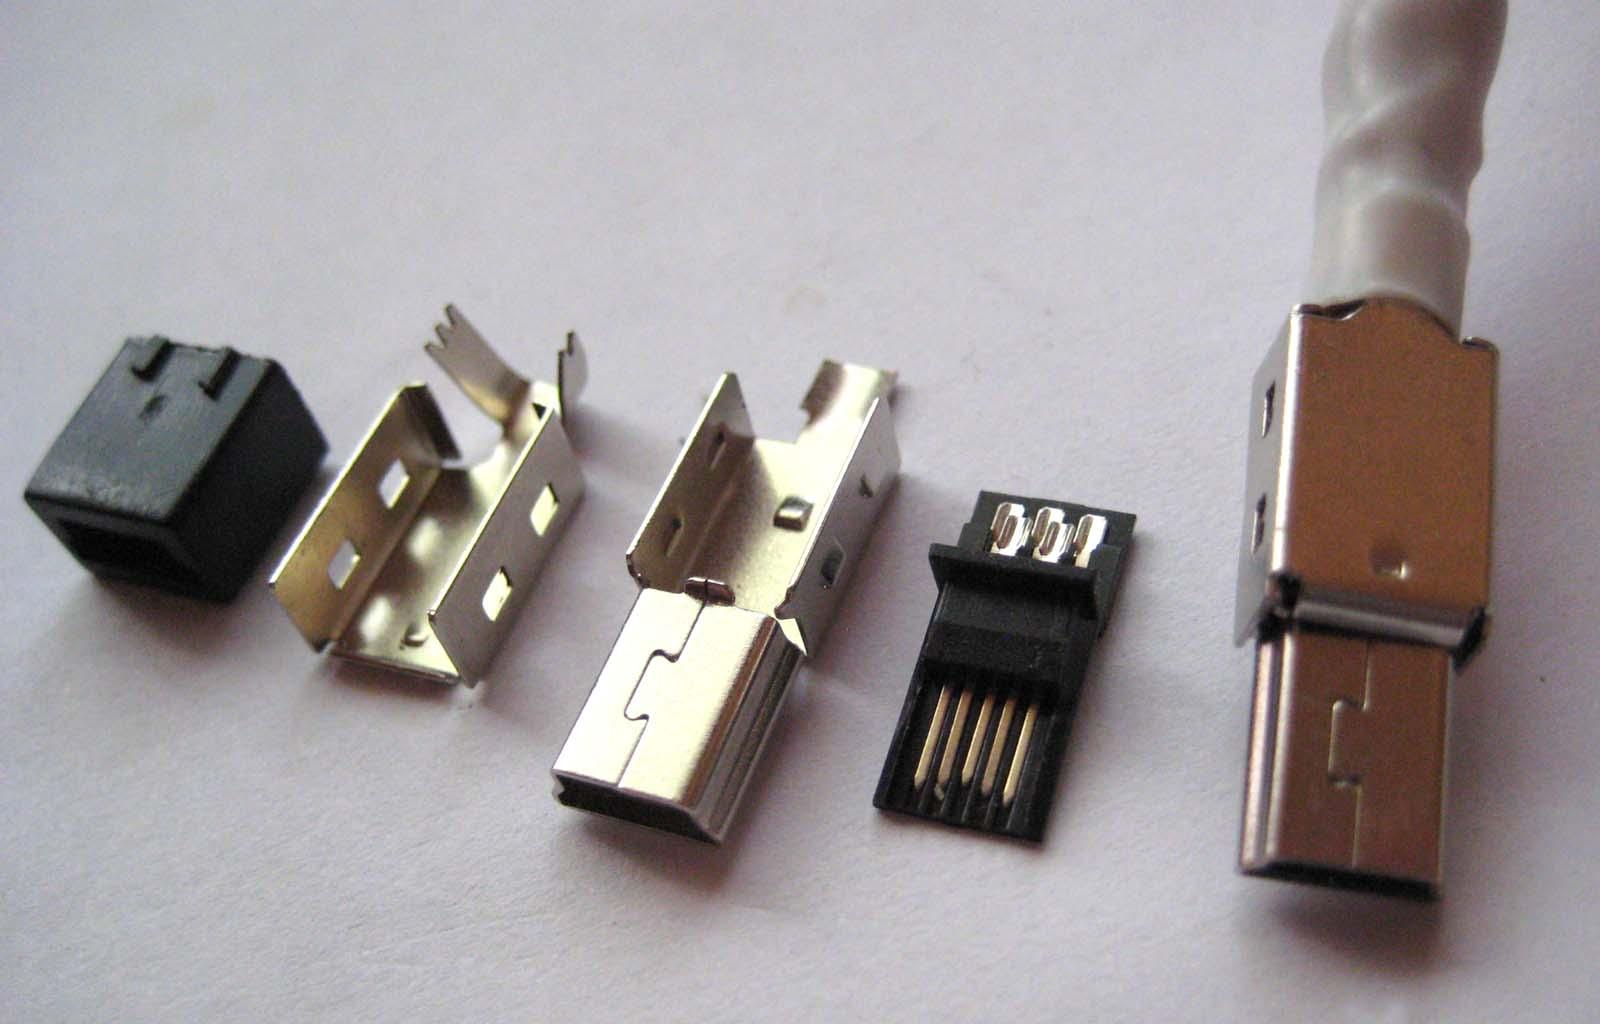 Mini-USB cable